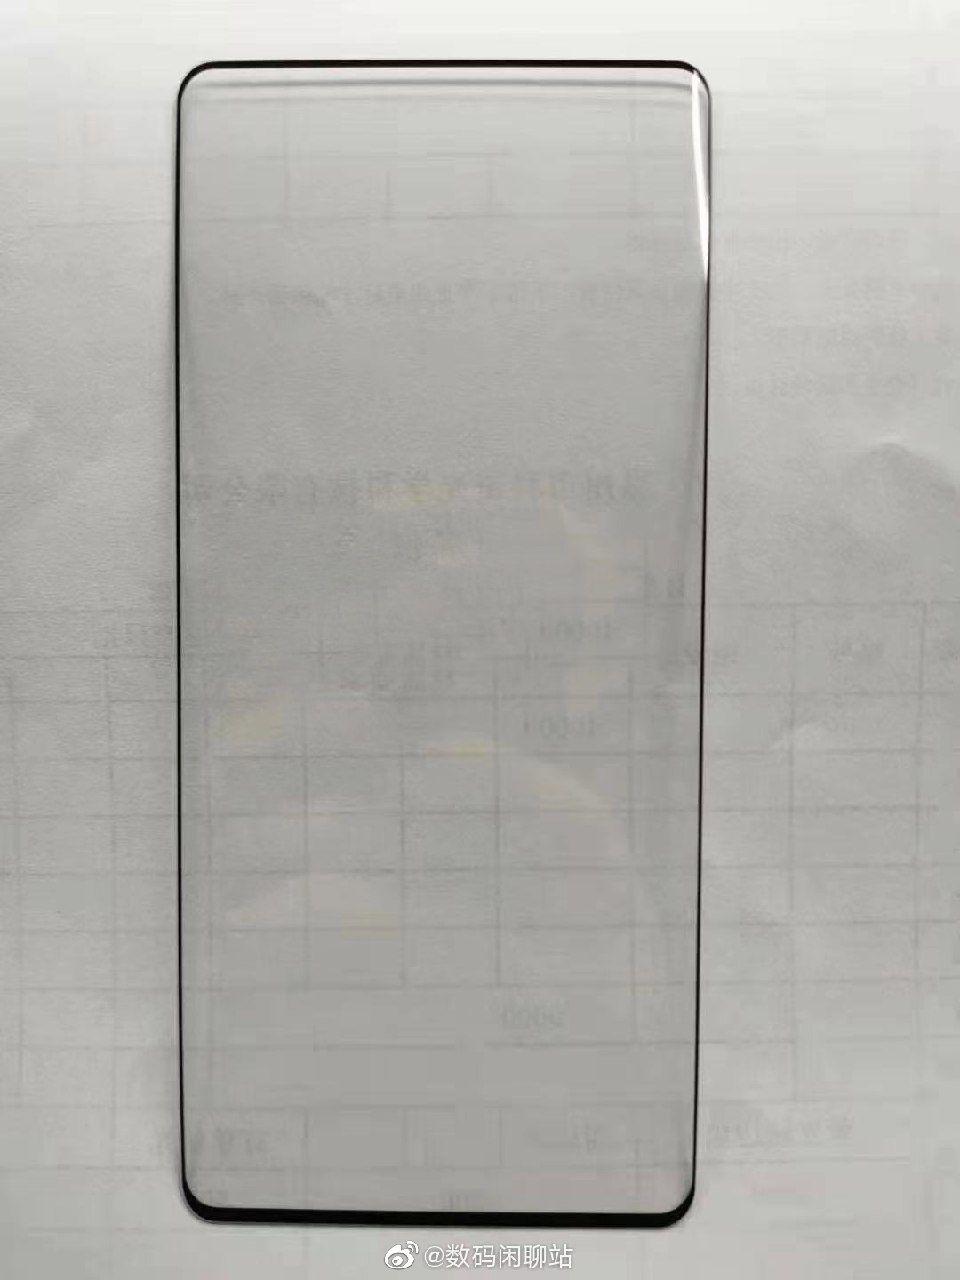 محافظ نمایشگر شیائومی Mi Mix 4